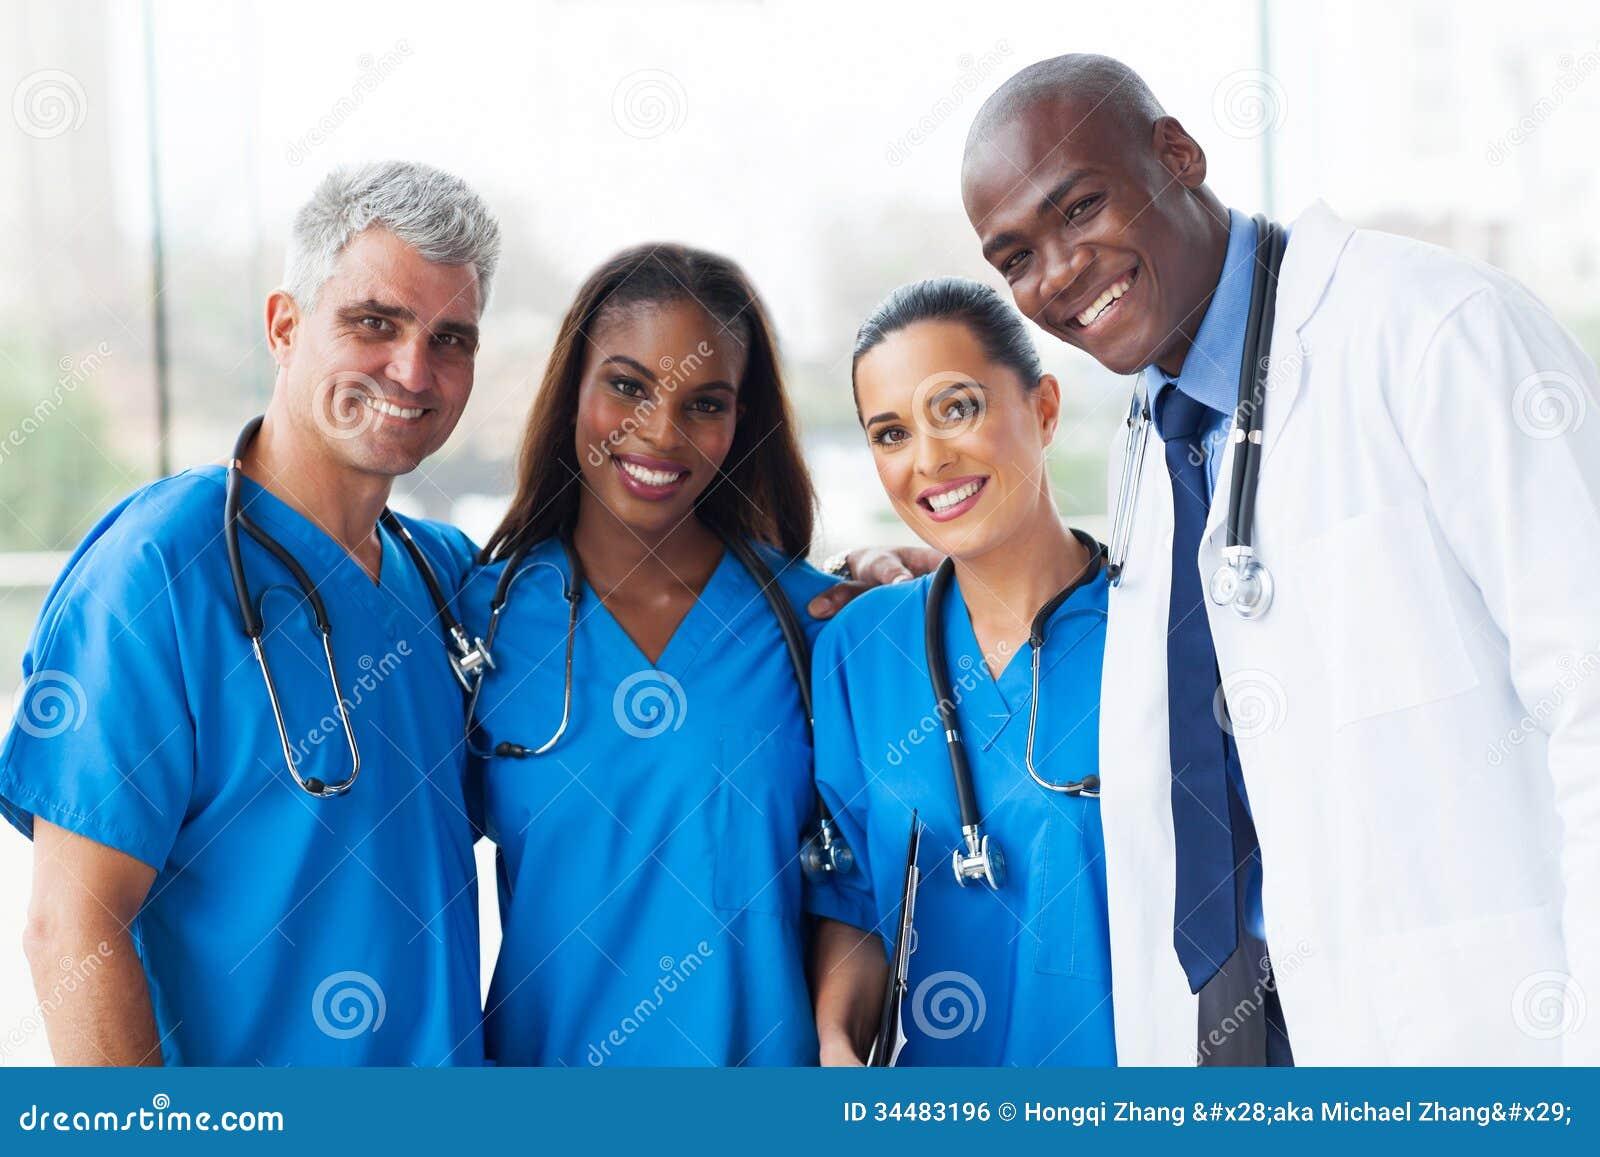 Multiraciaal medisch team